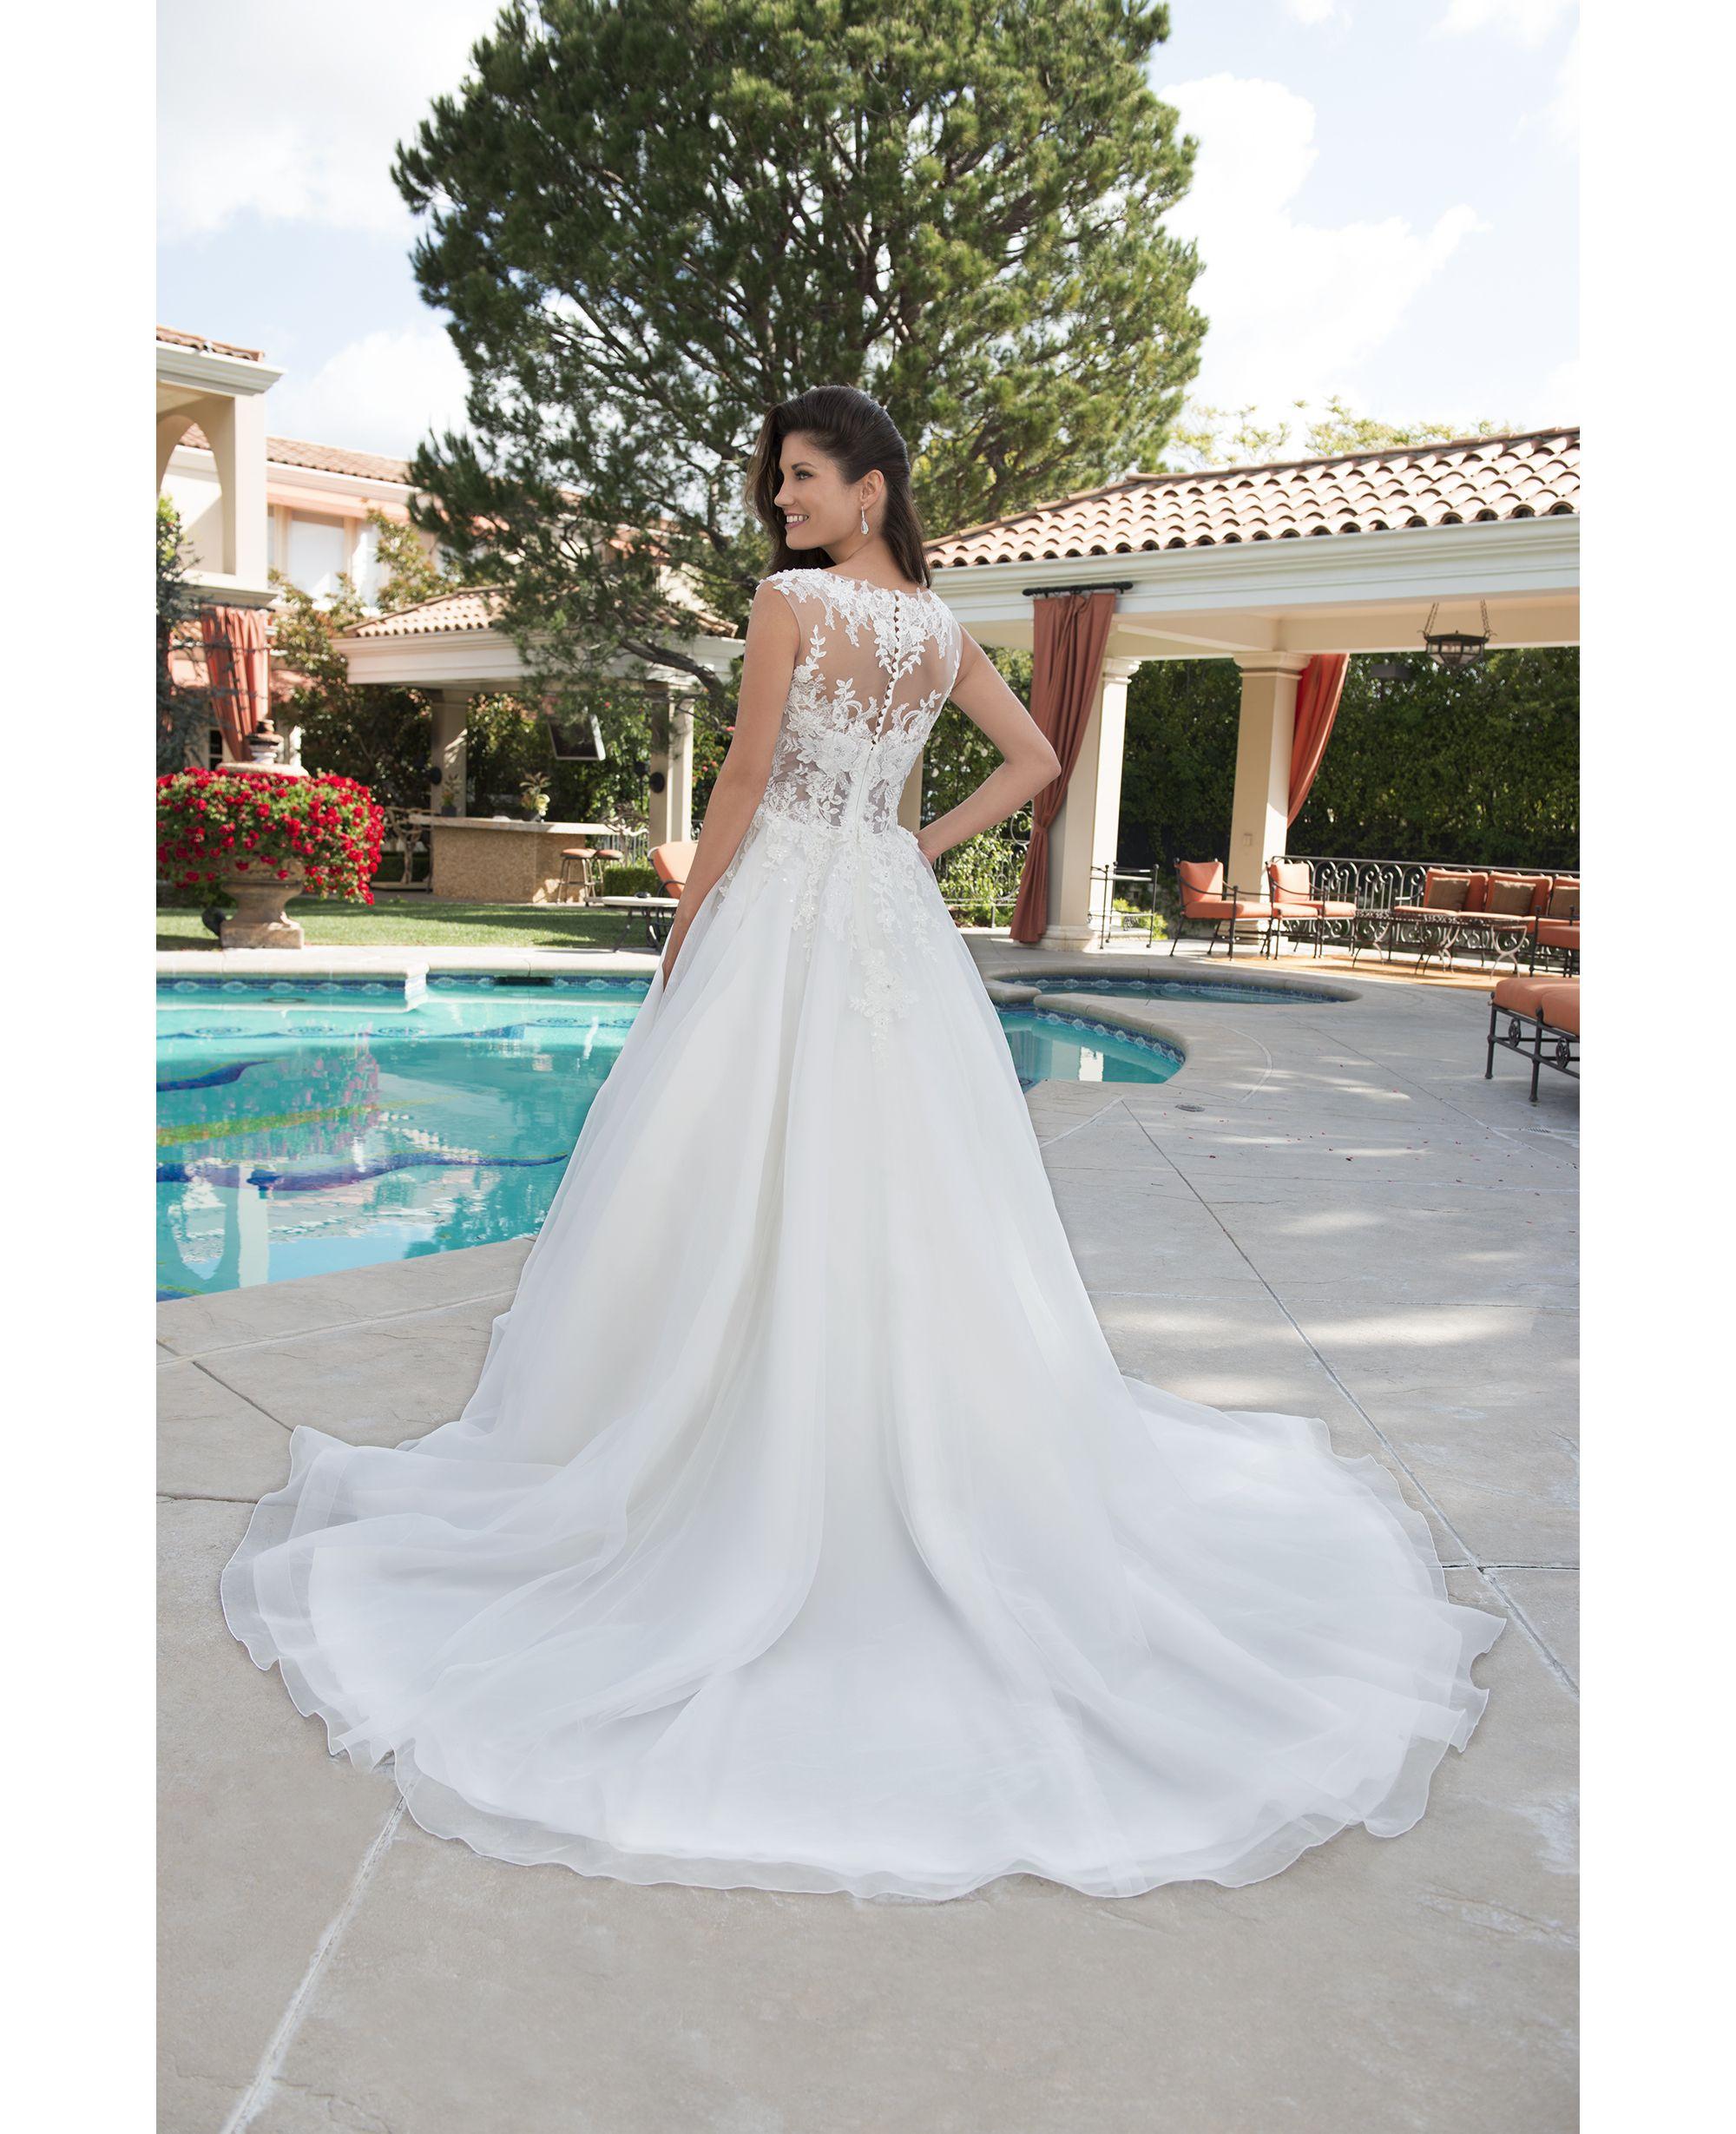 Angel u tradition wedding dressgown ivory aballgown style wedding